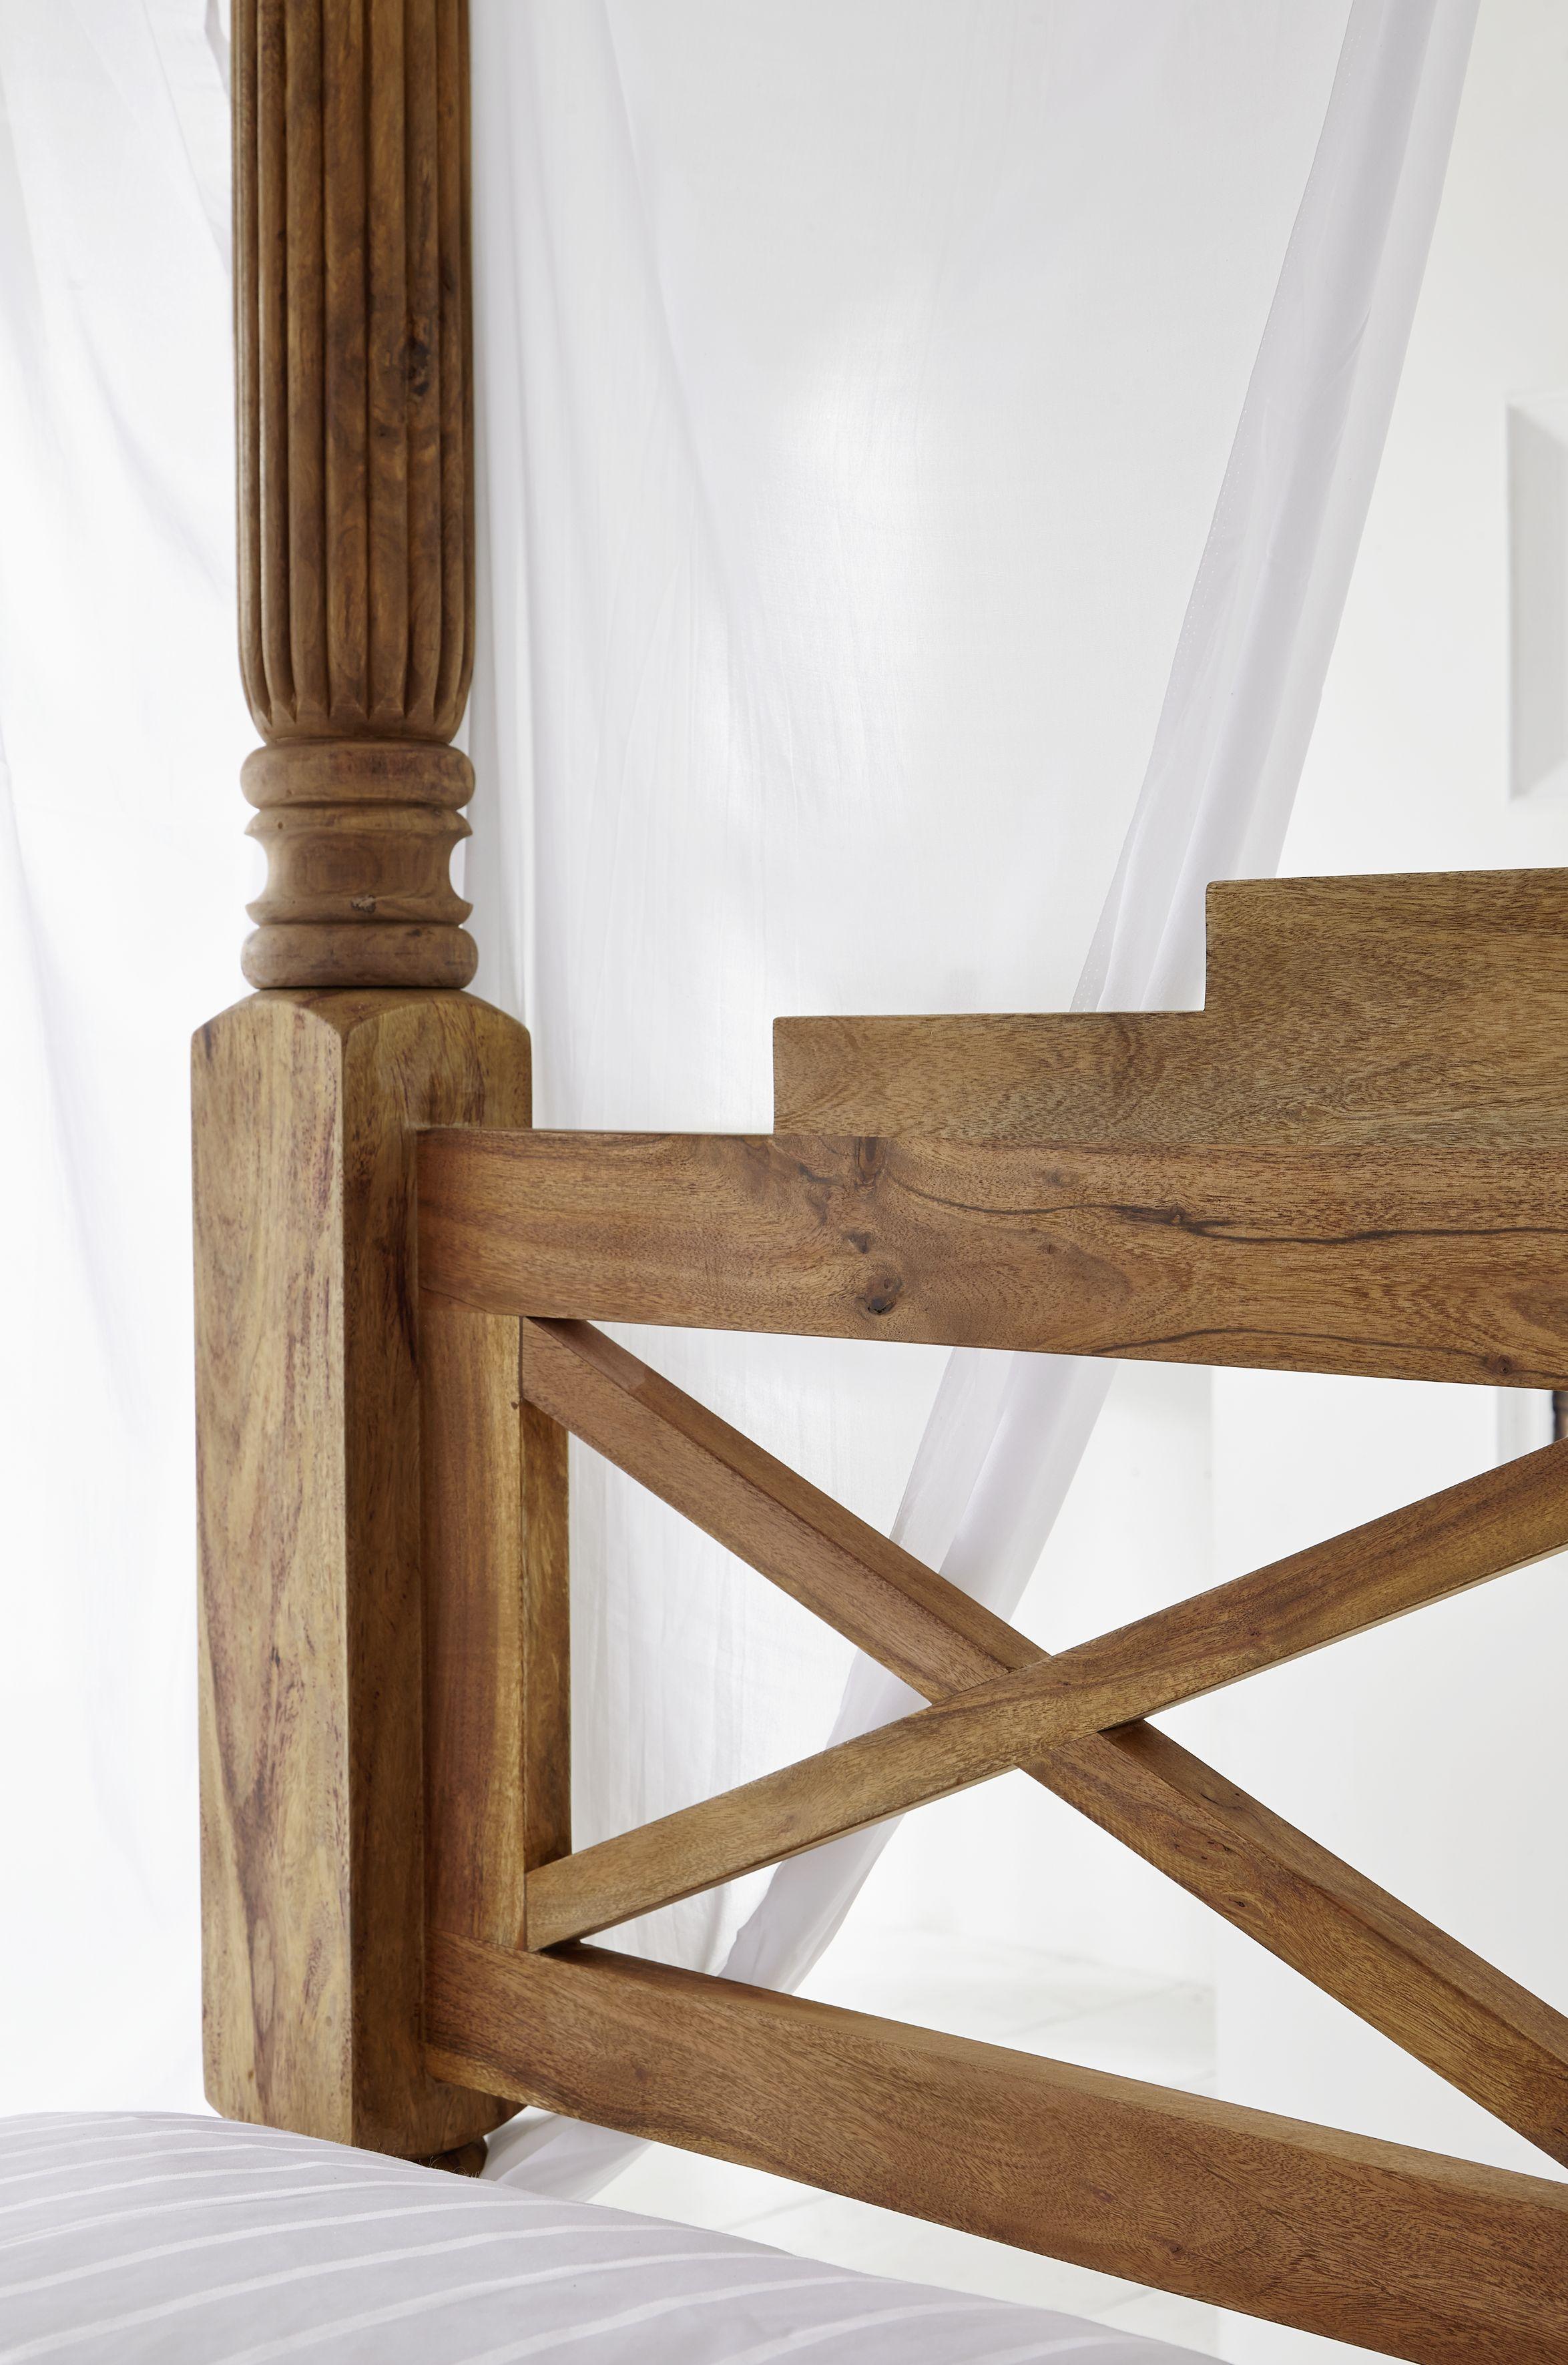 Möbel Sheesham versandfrei kaufen (mit Bildern